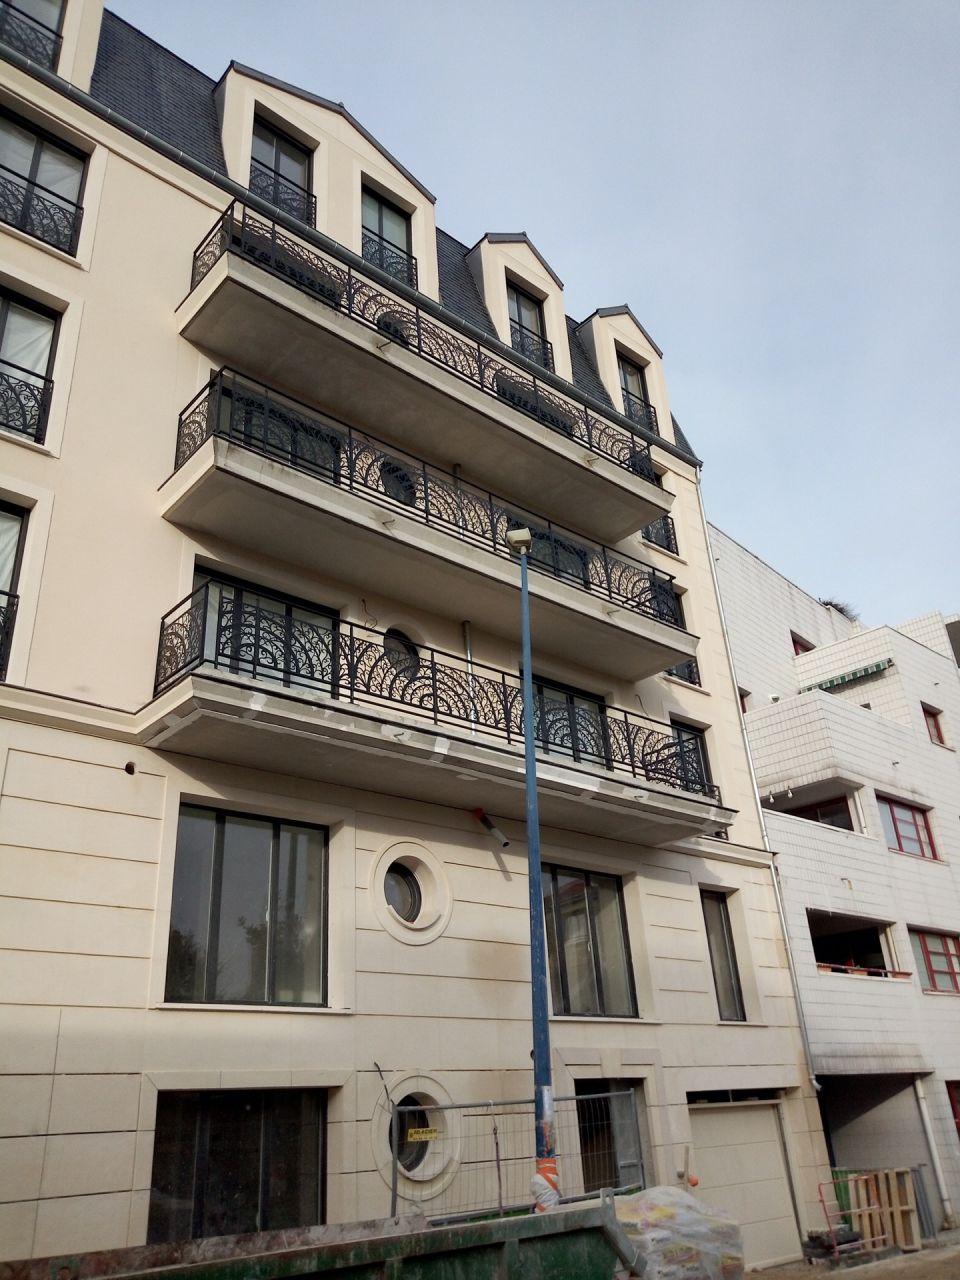 Ils commencent à finir la façade...rez de chaussée et premier étage...puis miracle vers le 9 décembre sont apparus les balcons...